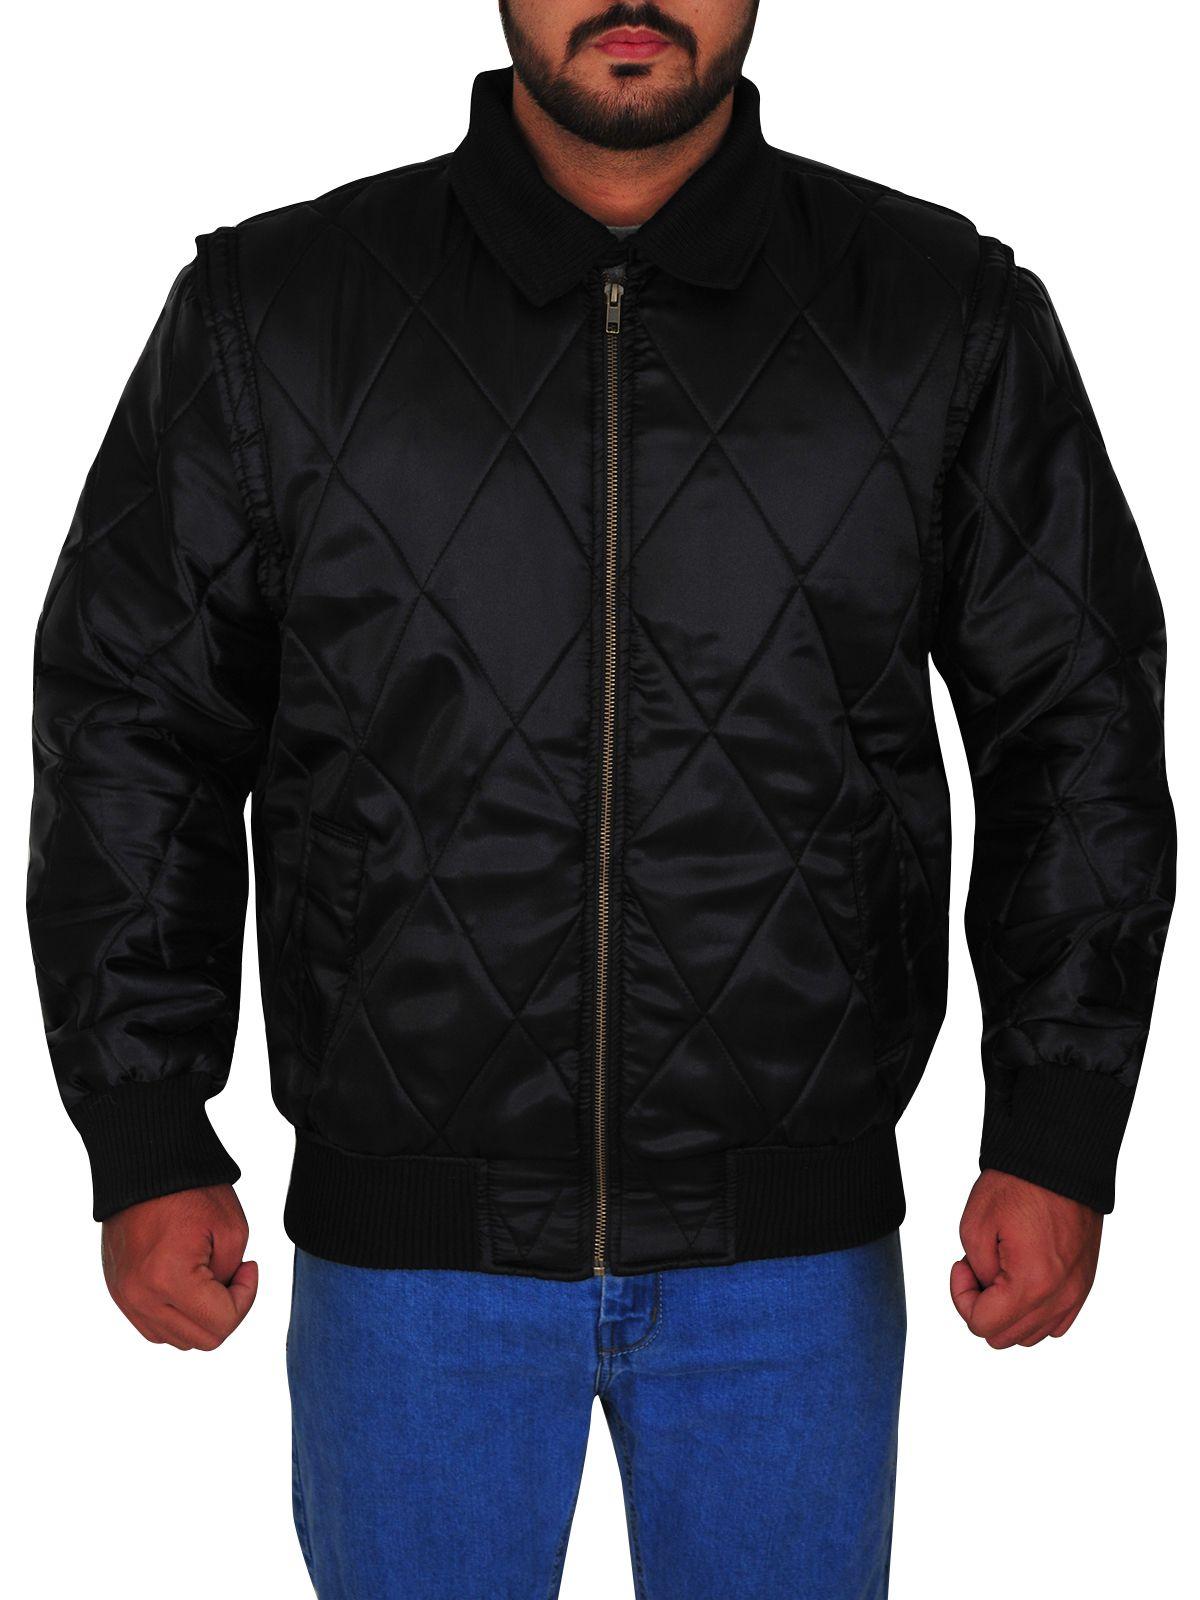 Ryan Gosling Scorpion Drive Logo Jacket Top Celebs Jackets Jackets Jacket Tops Shirt Style [ 1600 x 1200 Pixel ]